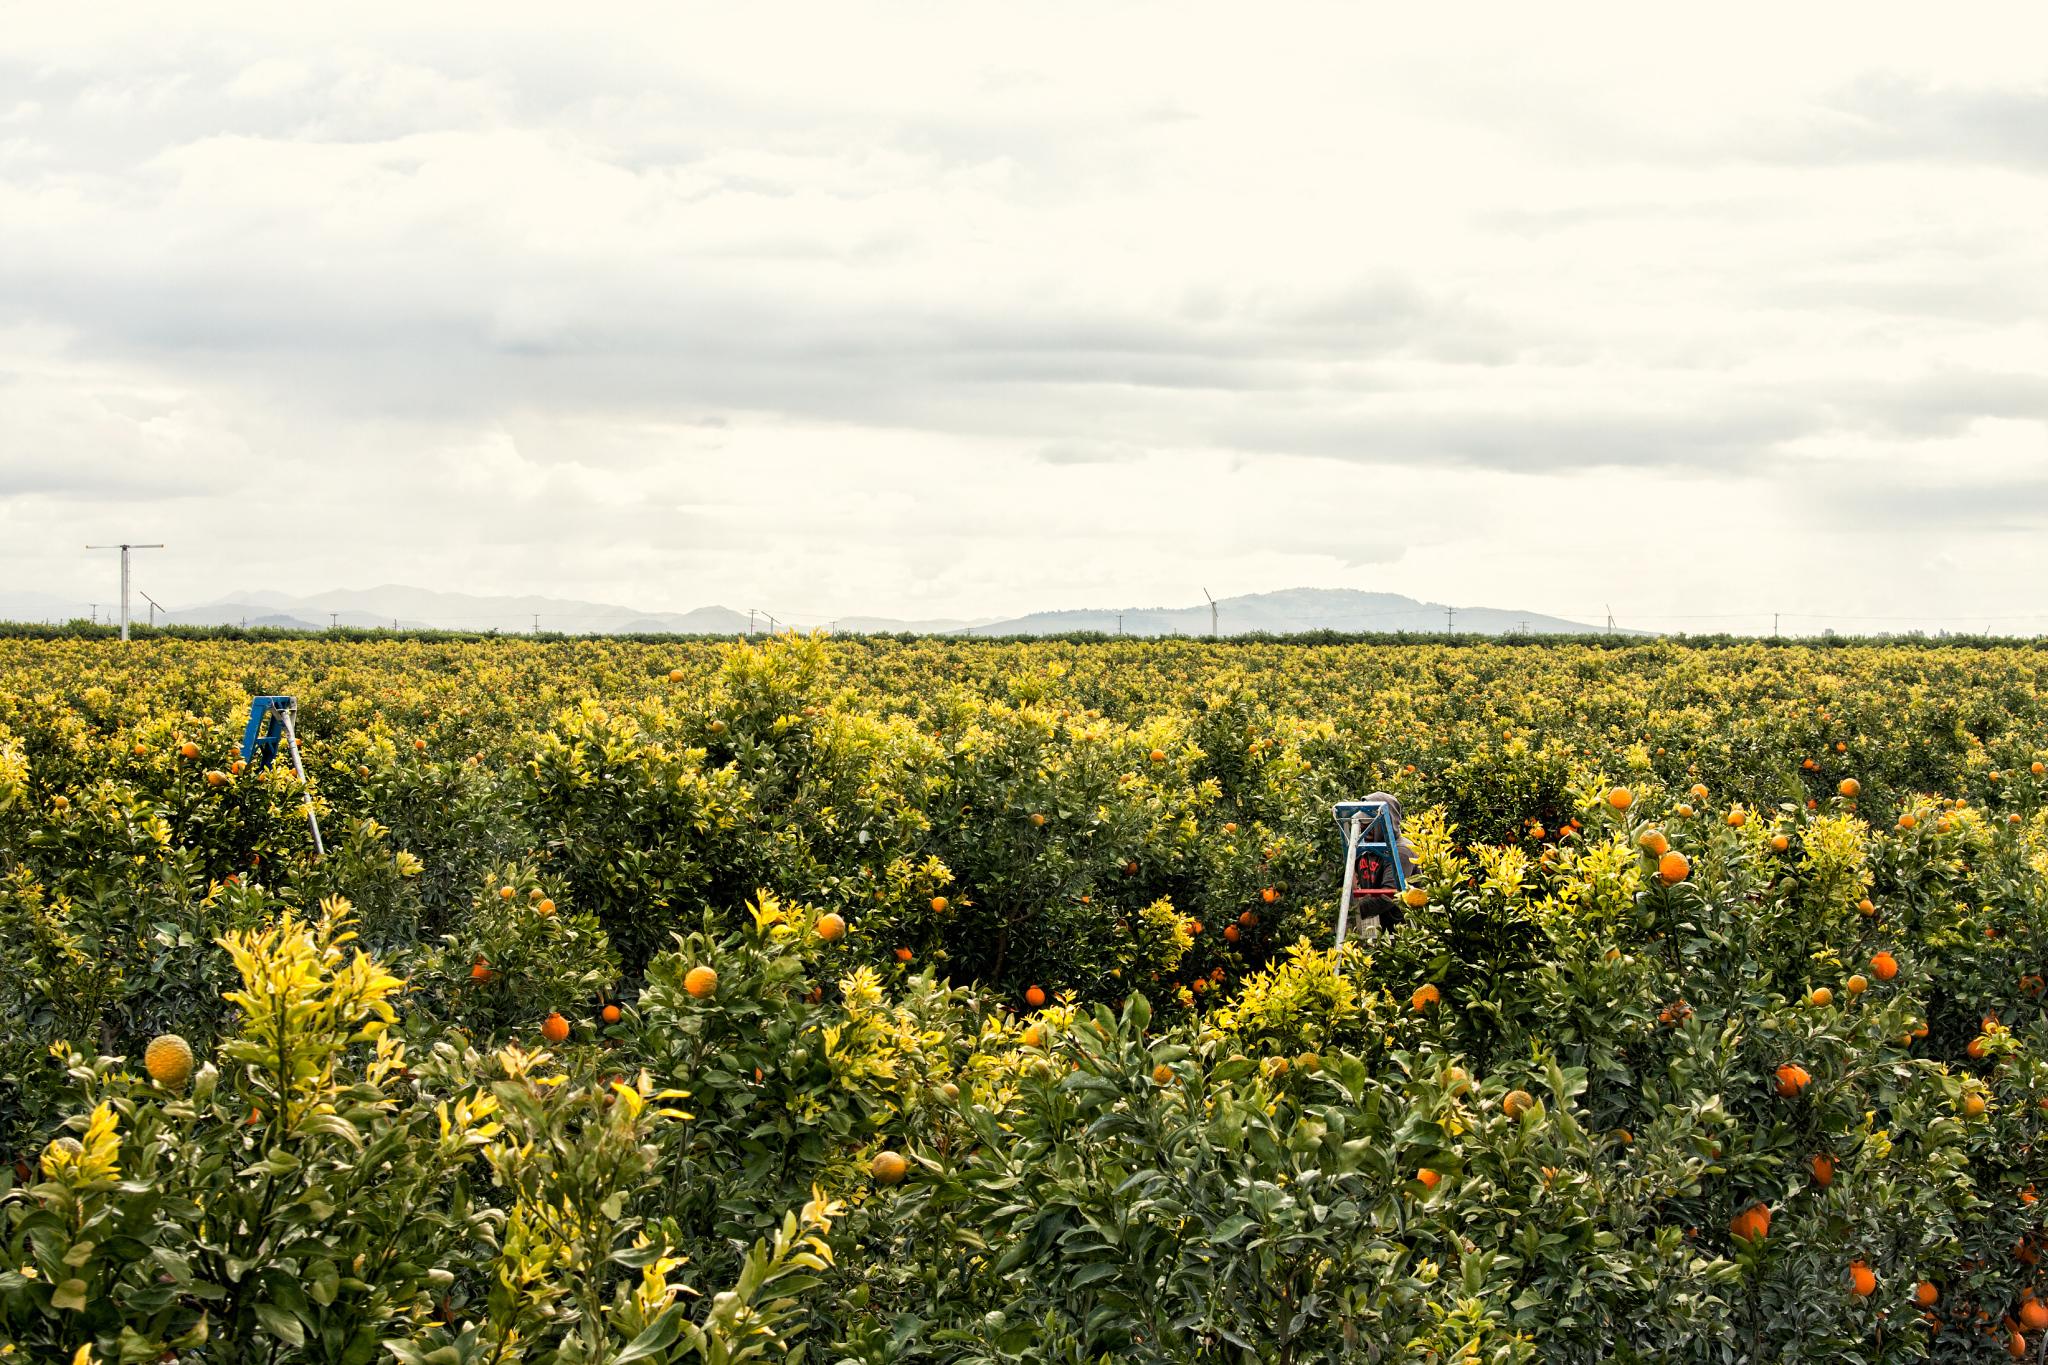 Sumo farm field